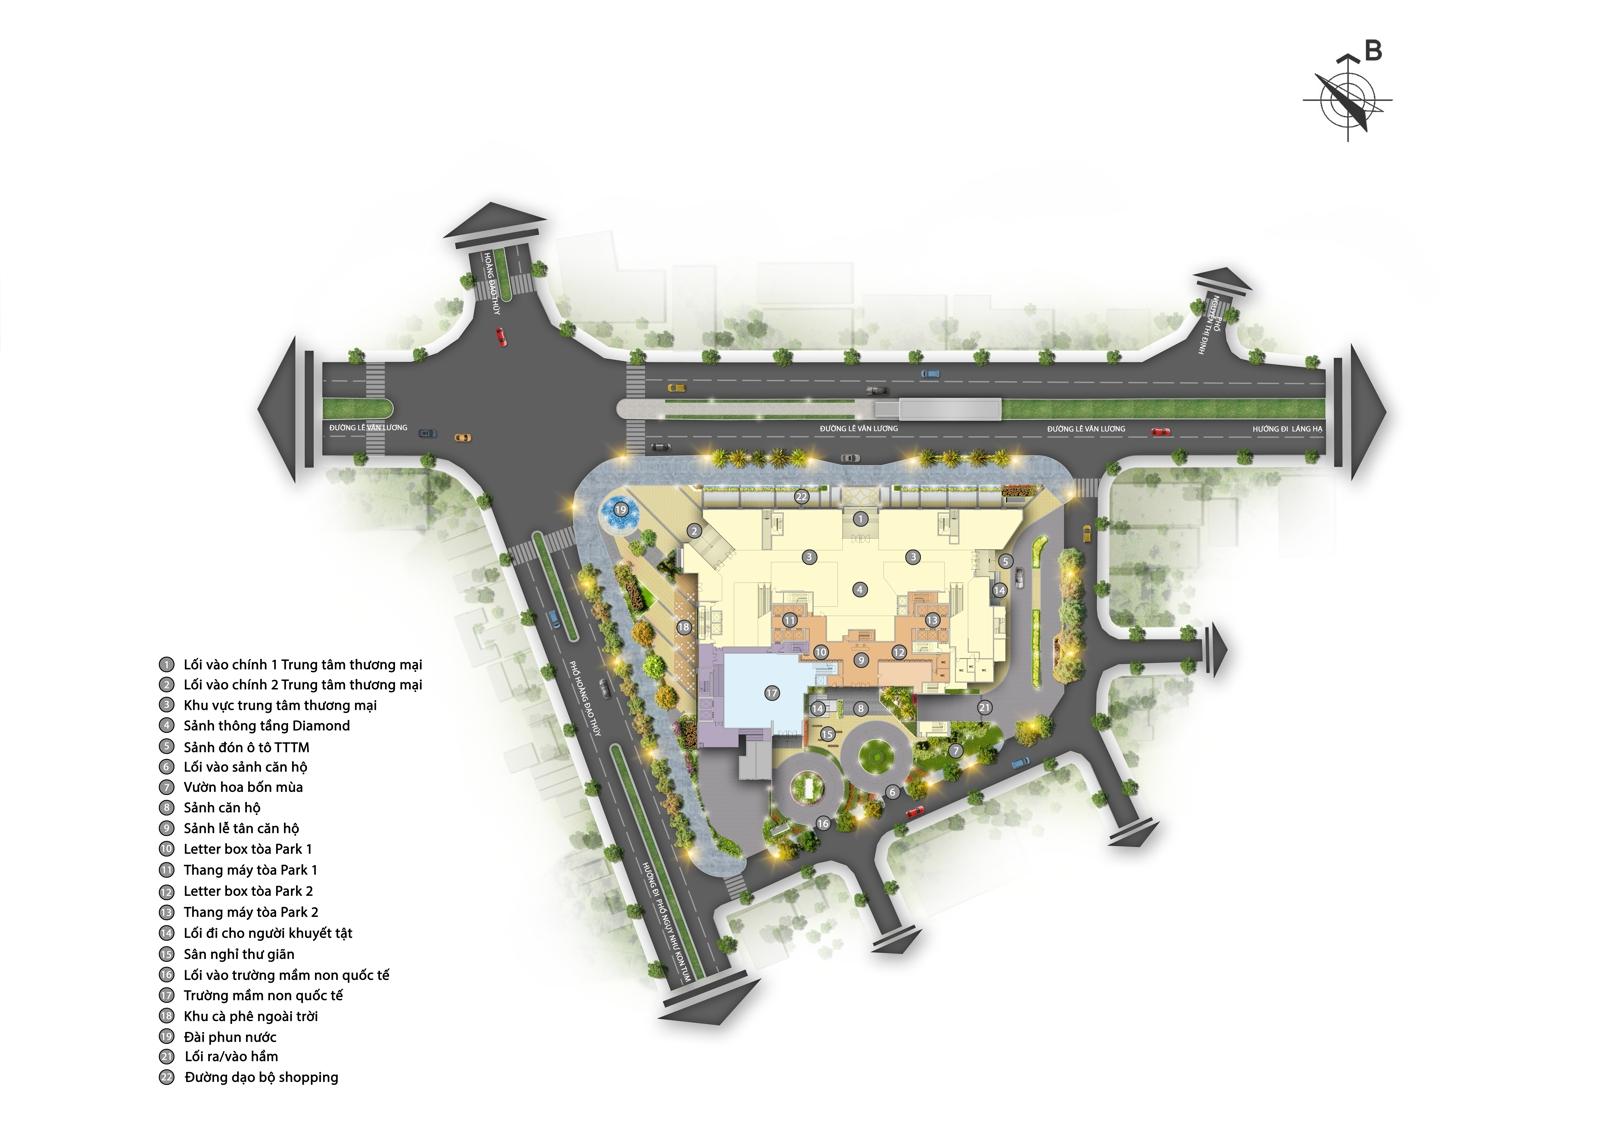 Bán căn hộ chung cư cao cấp 4 phòng ngủ cực rộng 203m2 trung tâm quận Thanh Xuân